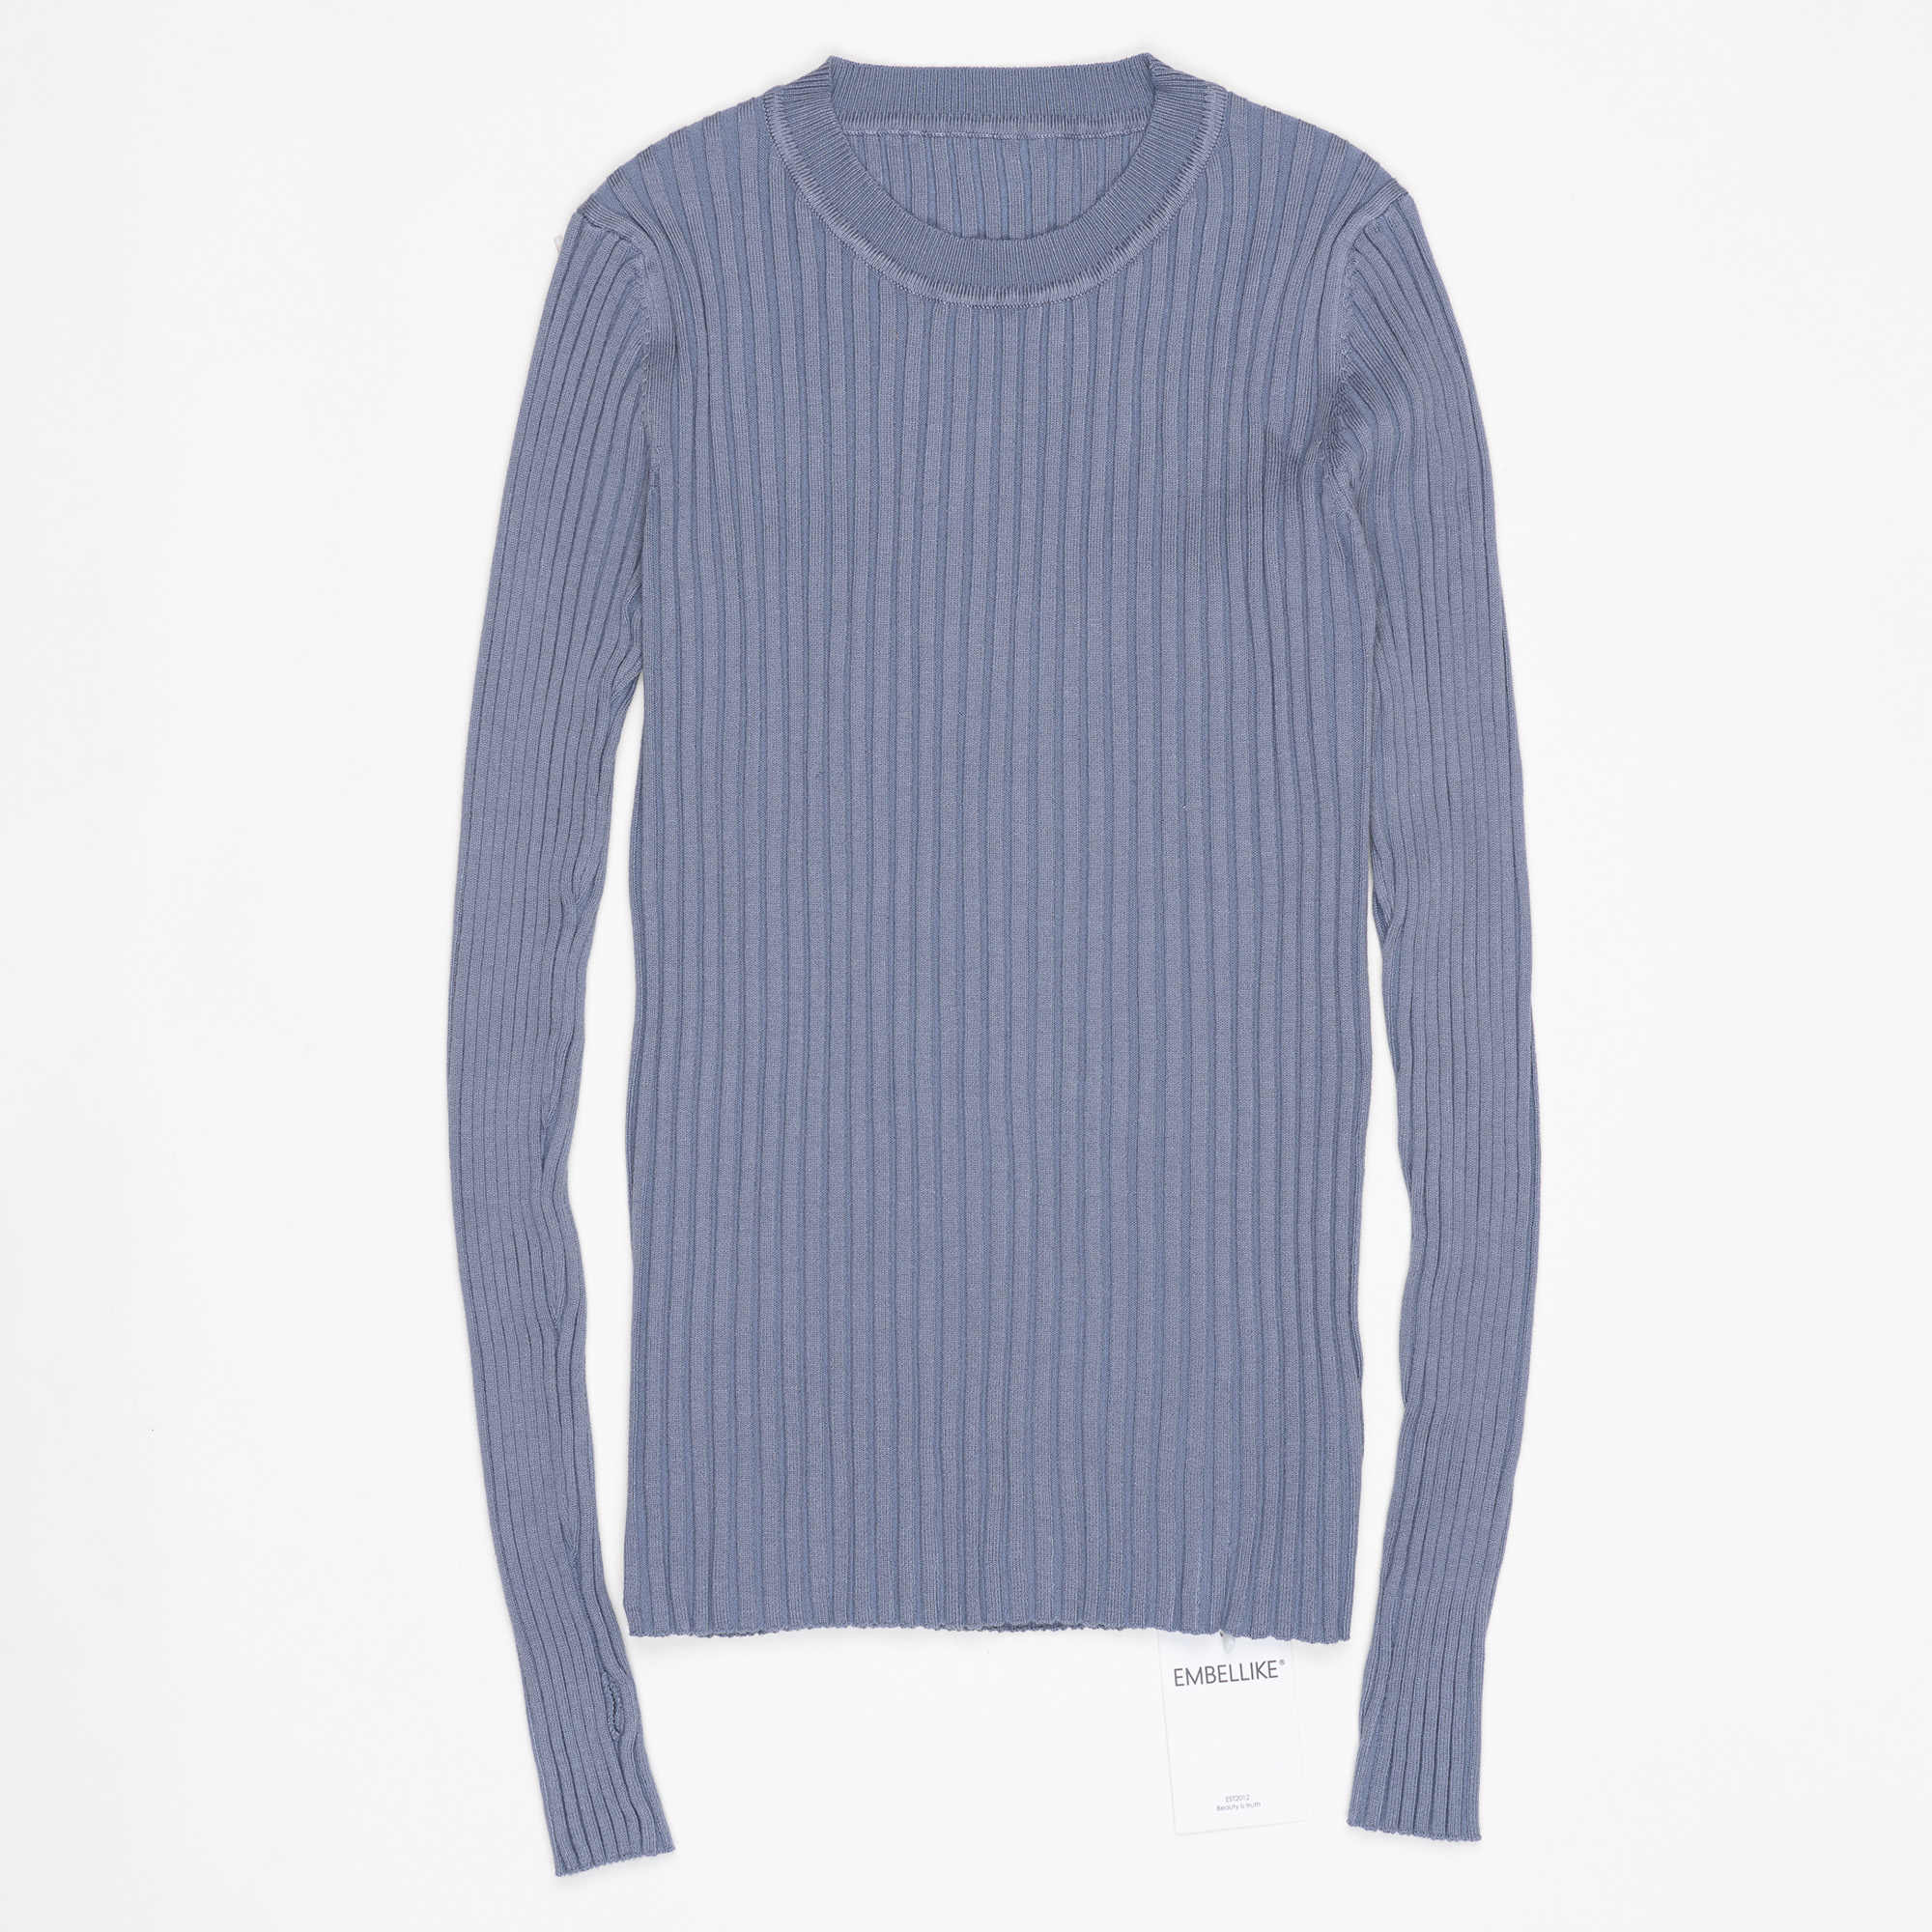 Женский свитер, пуловер, базовые вязаные в рубчик топы, однотонный лаконичный джемпер с круглым вырезом, свитеры с длинным рукавом с вырезом для большого пальца